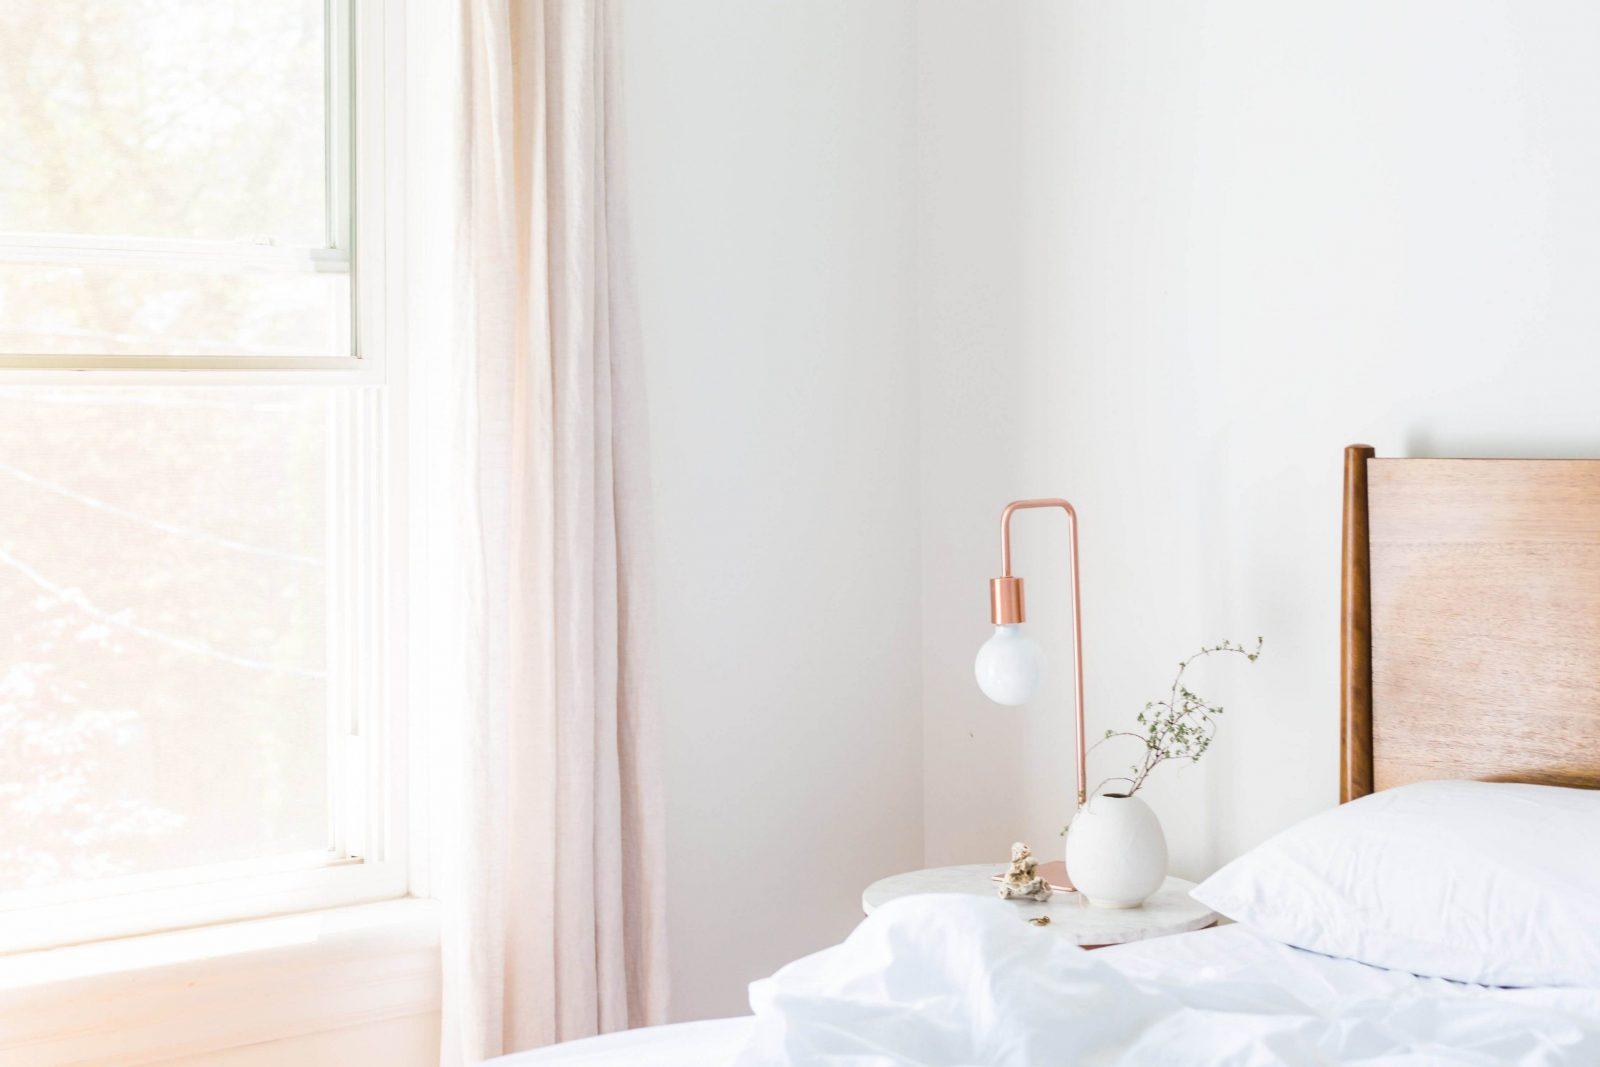 Gardinen Waschen  6 Tipps Für Ein Strahlendes Weiß von Bei Wieviel Grad Gardinen Waschen Photo